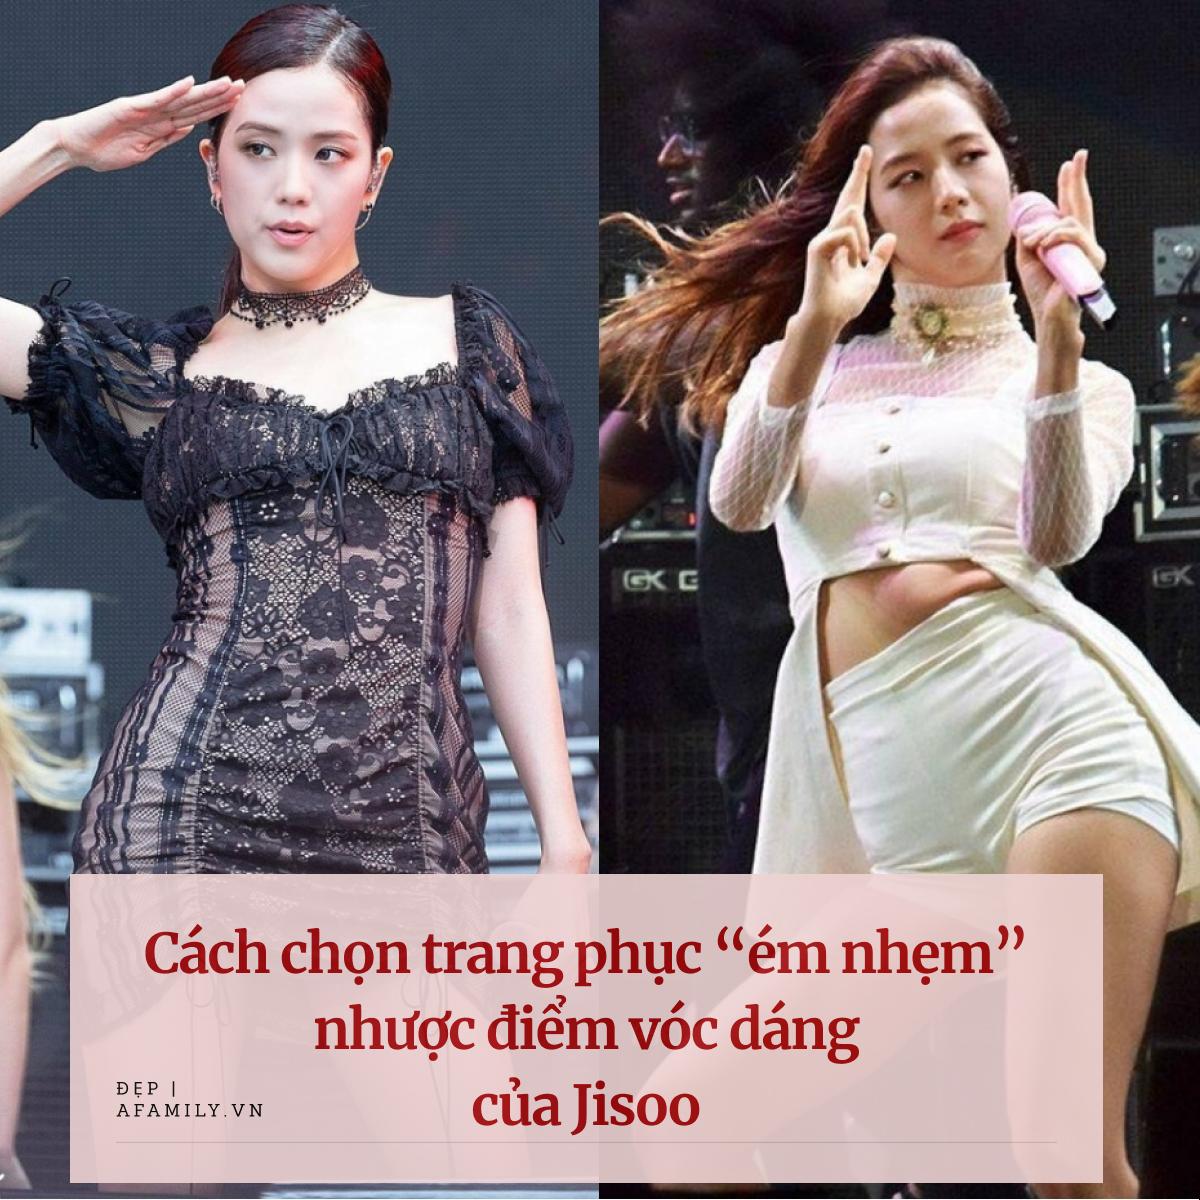 """Jisoo bị chê eo thô kém đẹp nhưng vẫn khéo chọn trang phục """"ém nhẹm"""" hiệu quả - Ảnh 1."""